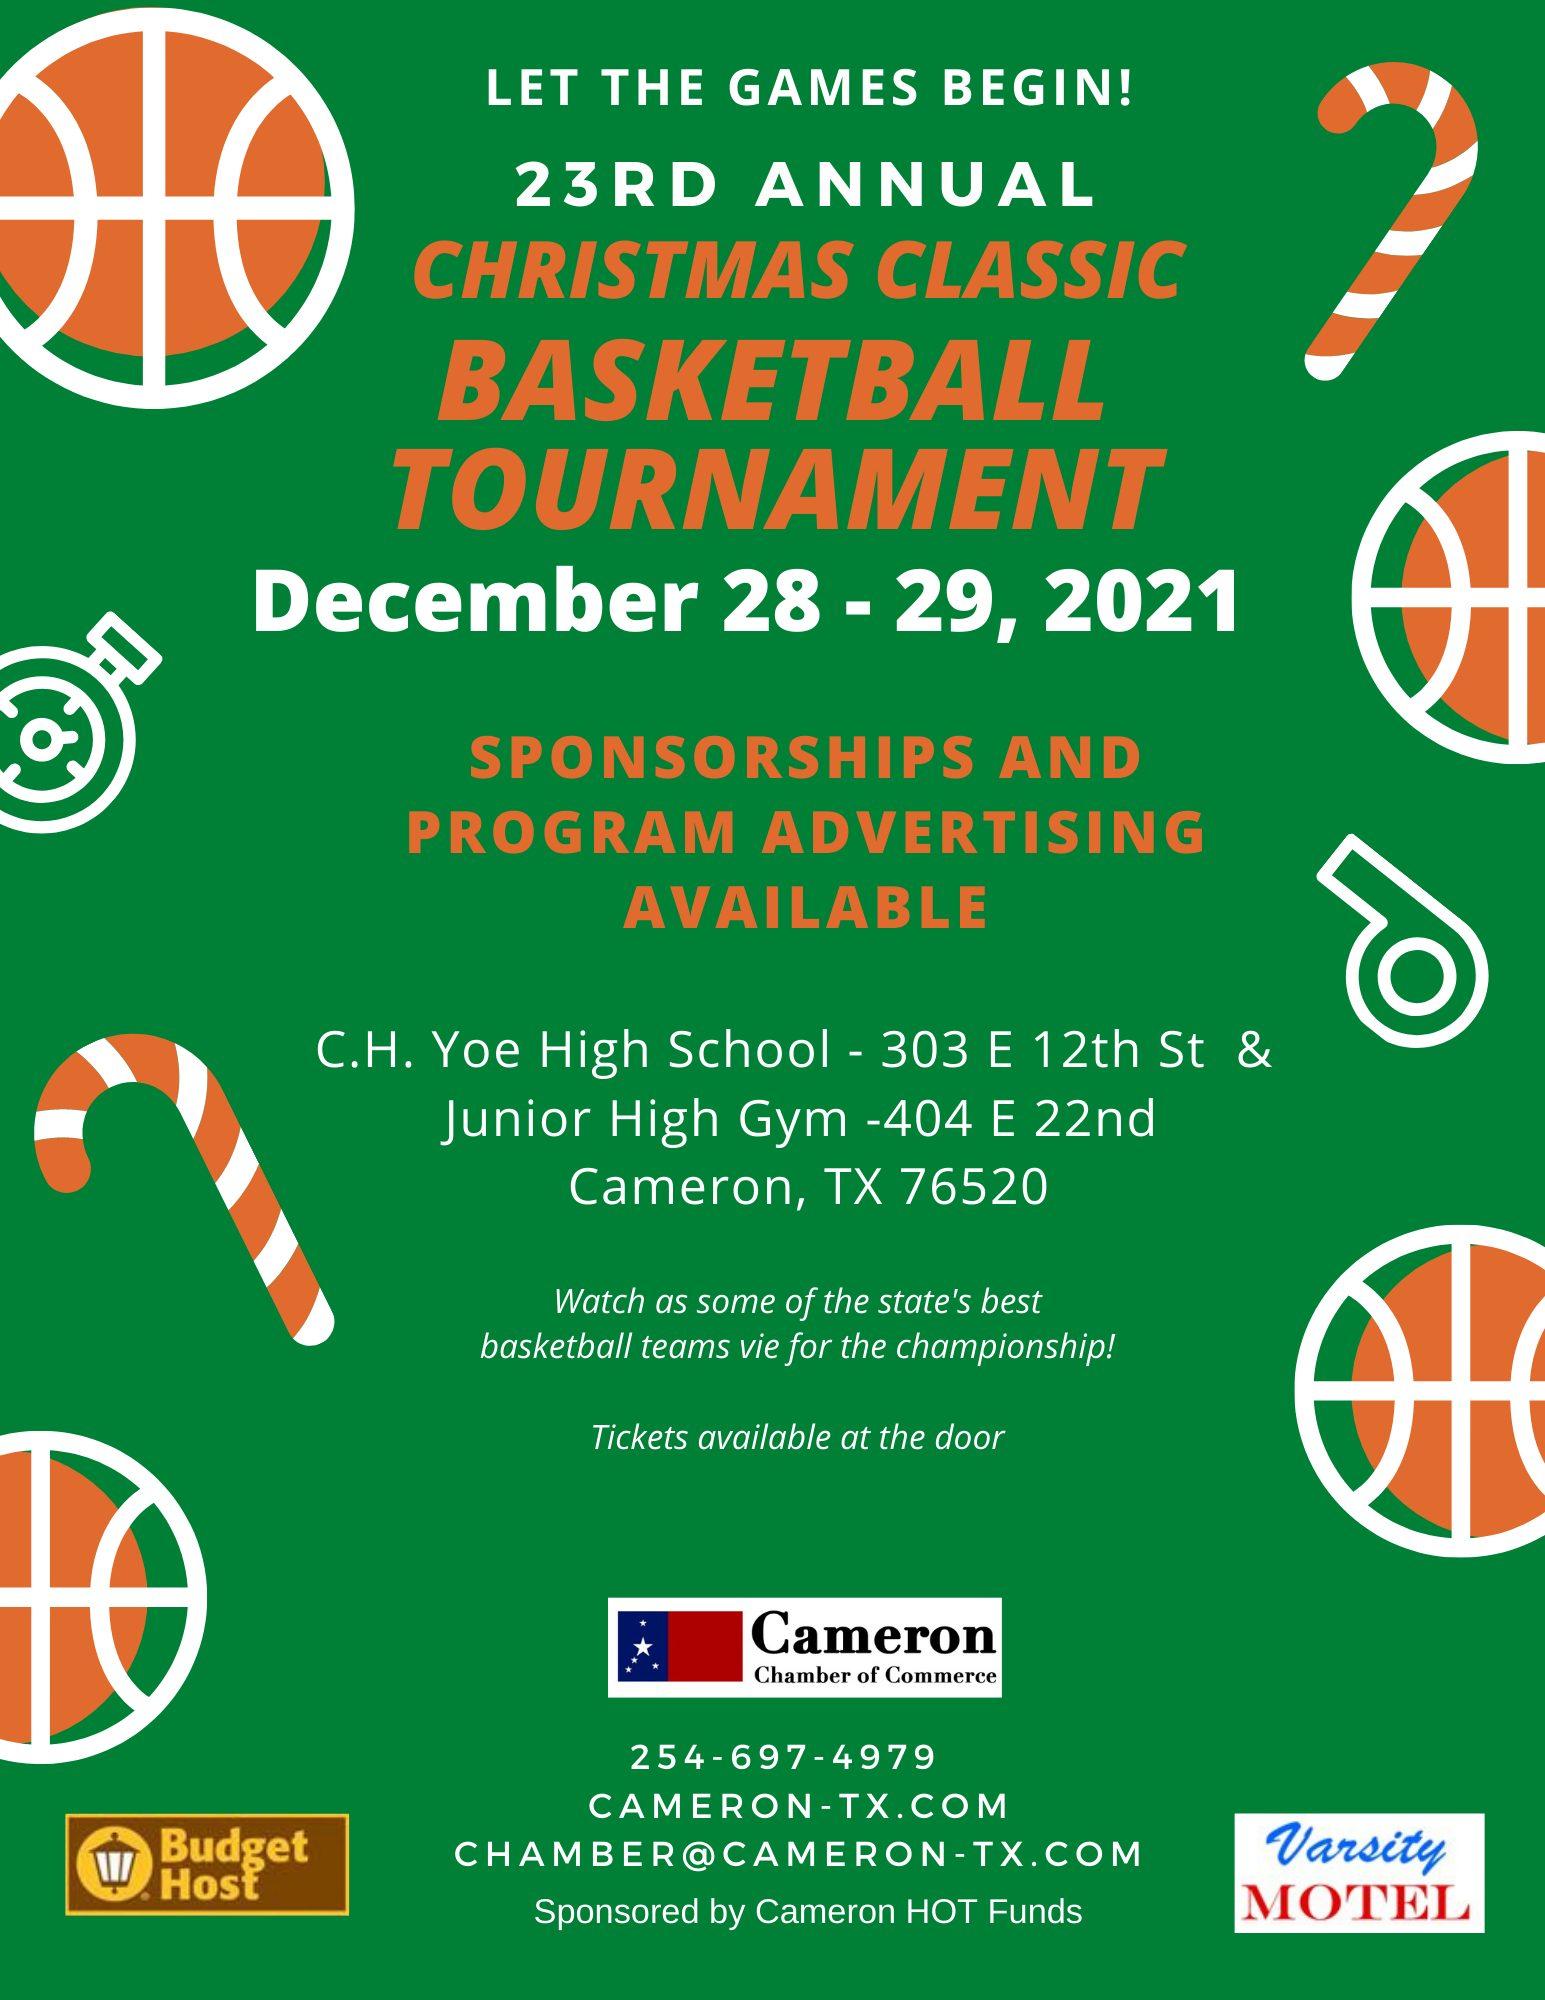 2021 Cameron Christmas Basketball Classic